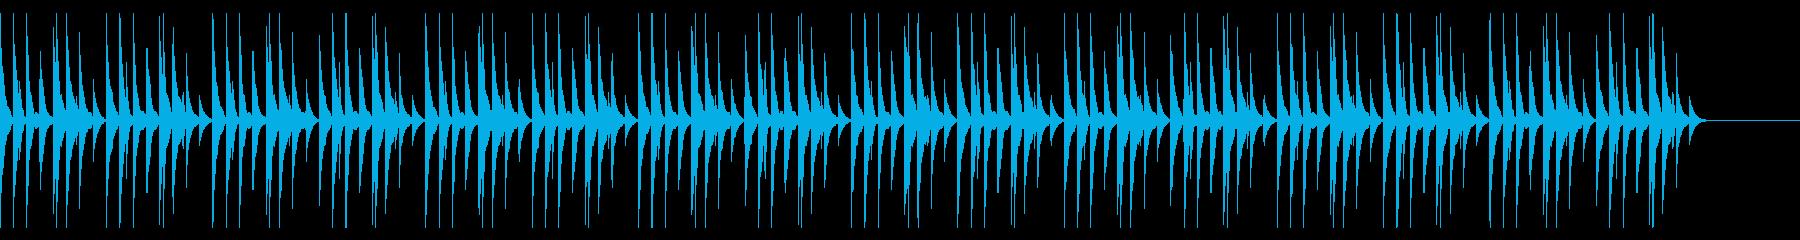 悲しいピアノソロaの再生済みの波形